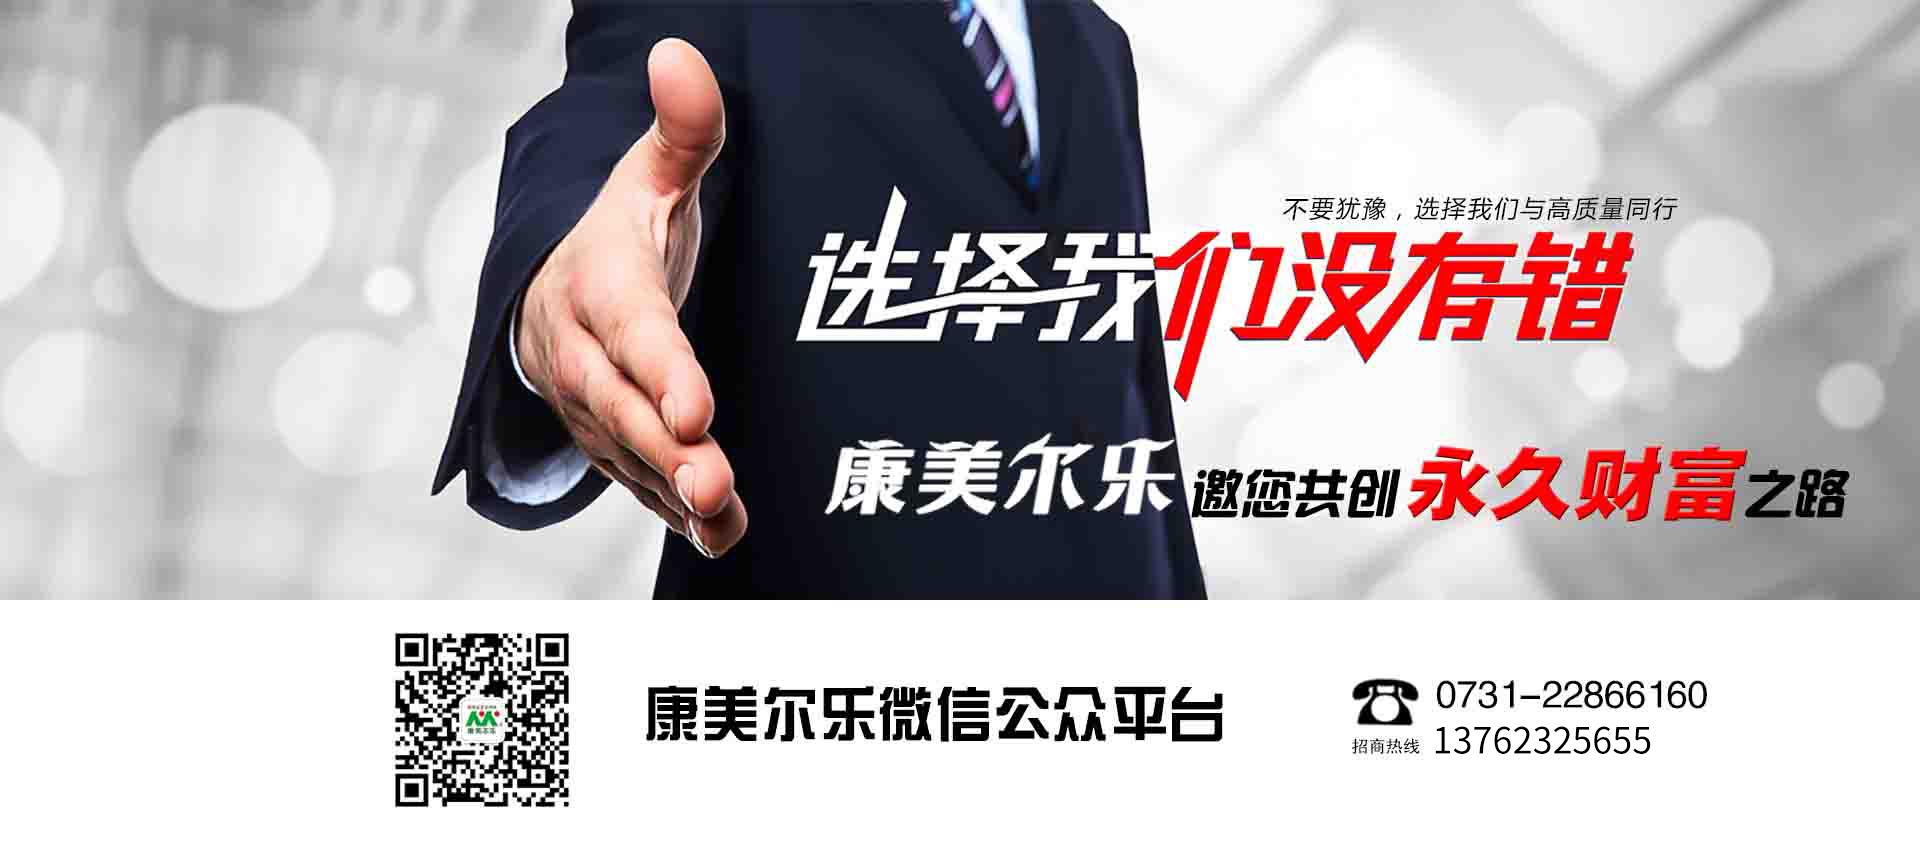 康美尔乐 bwin手机客户端加盟 bwin手机客户端招商 无刀修脚